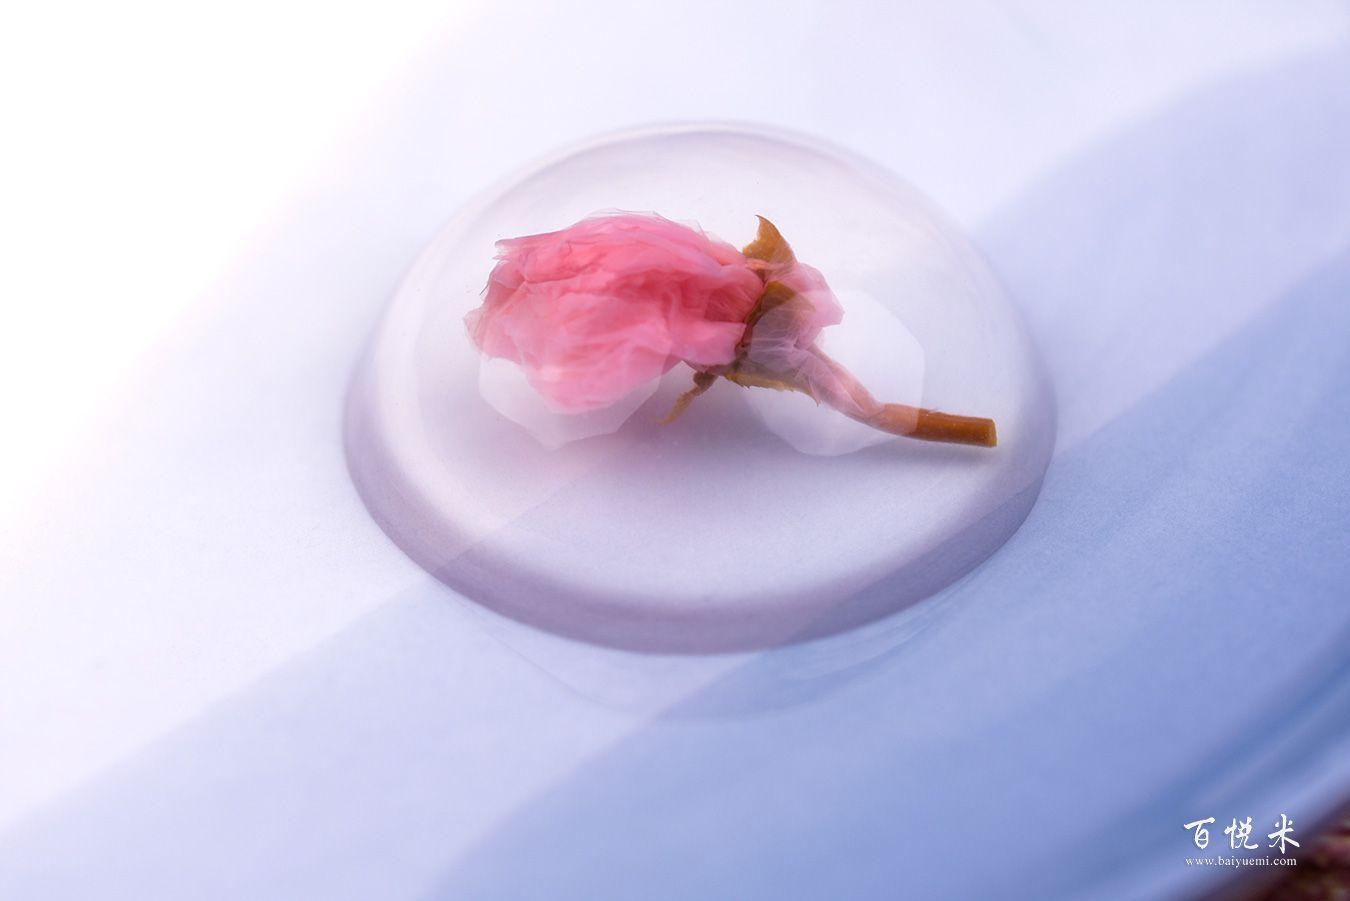 水信玄饼高清图片大全【蛋糕图片】_710